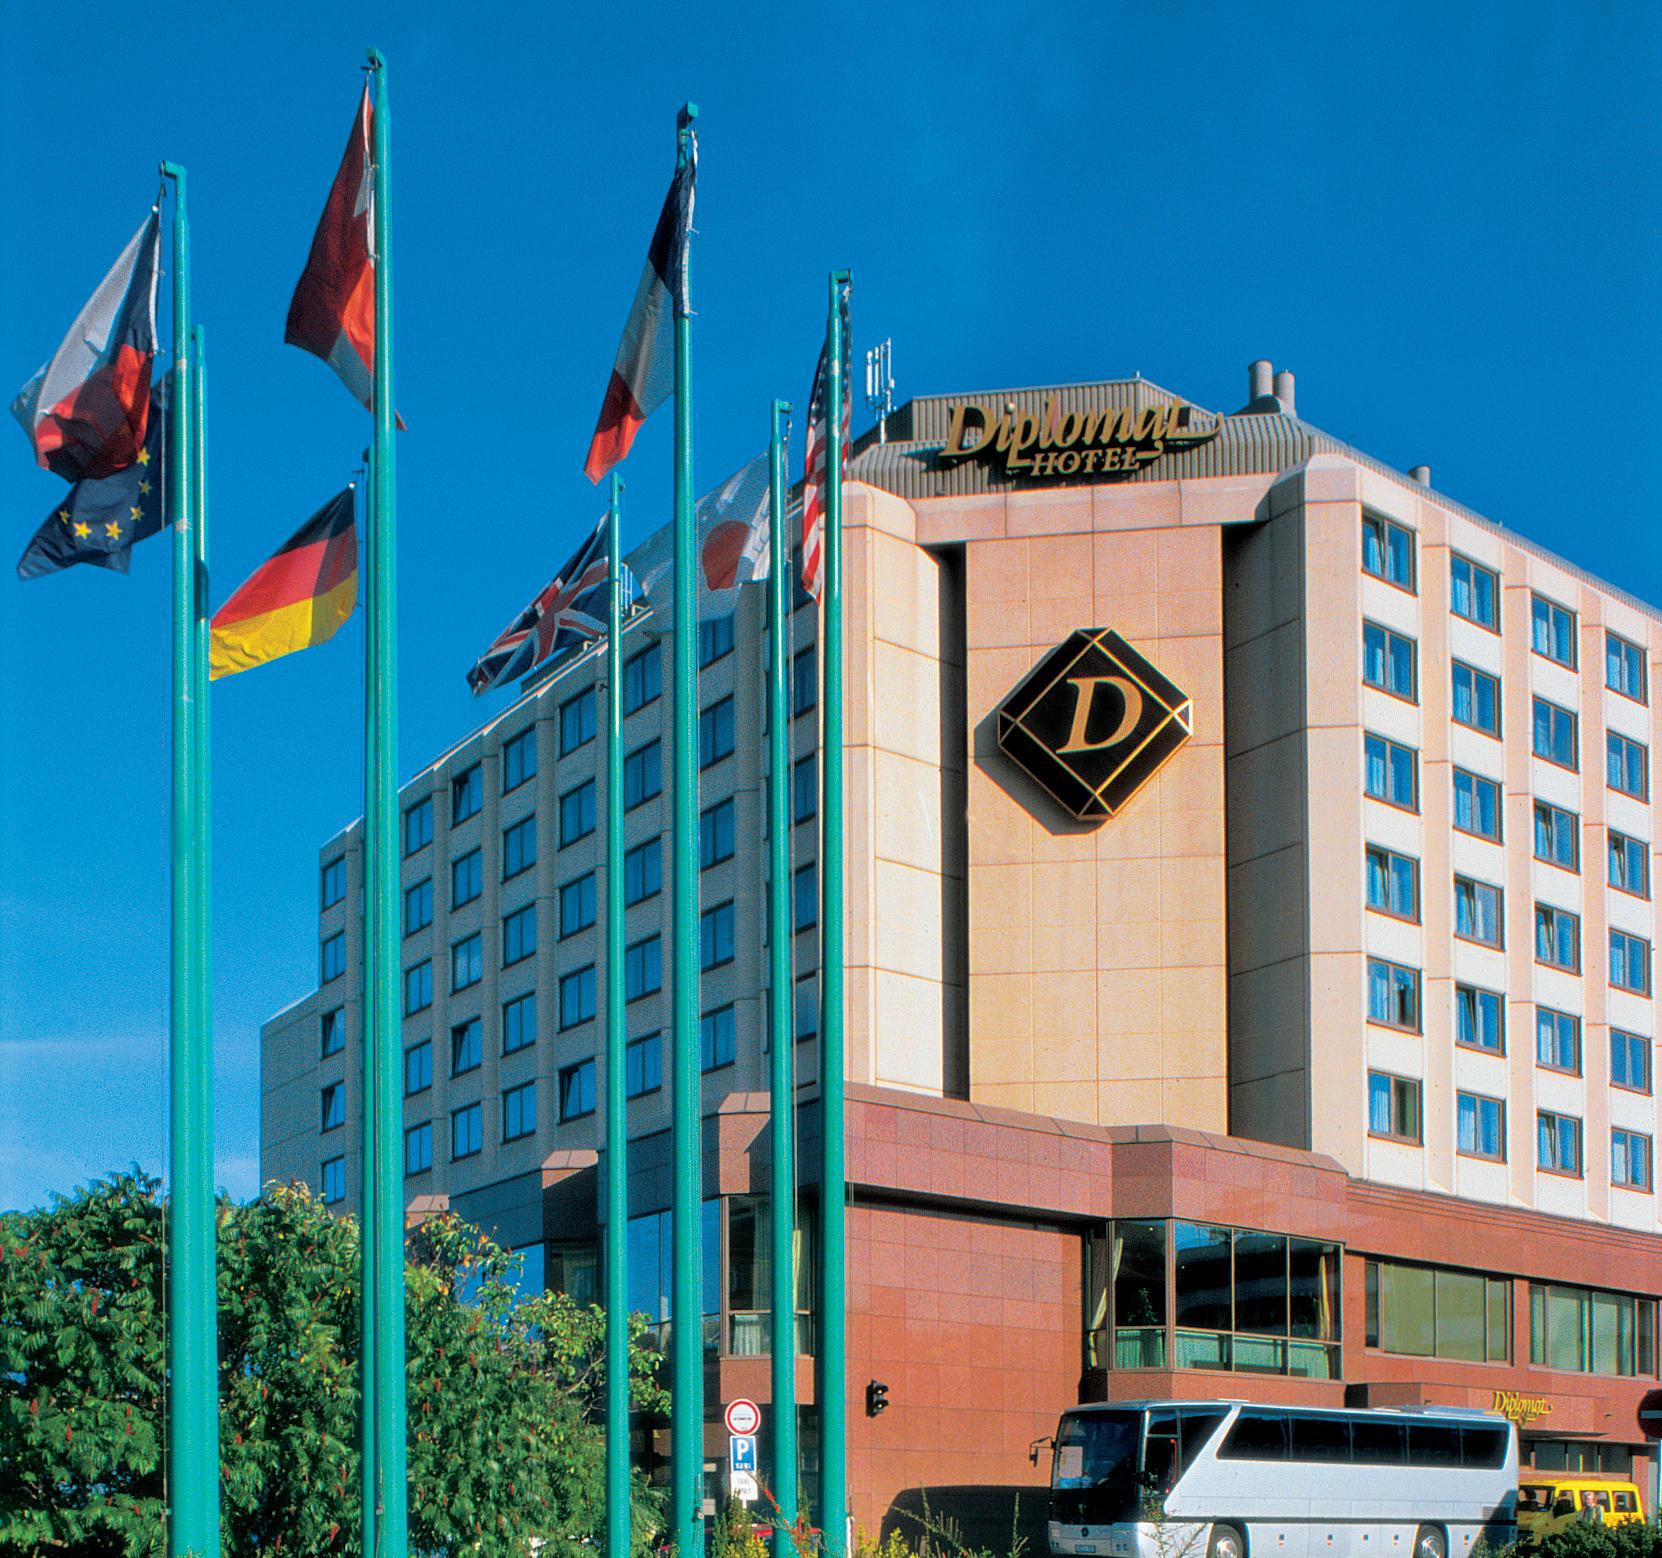 hotel diplomat prague: